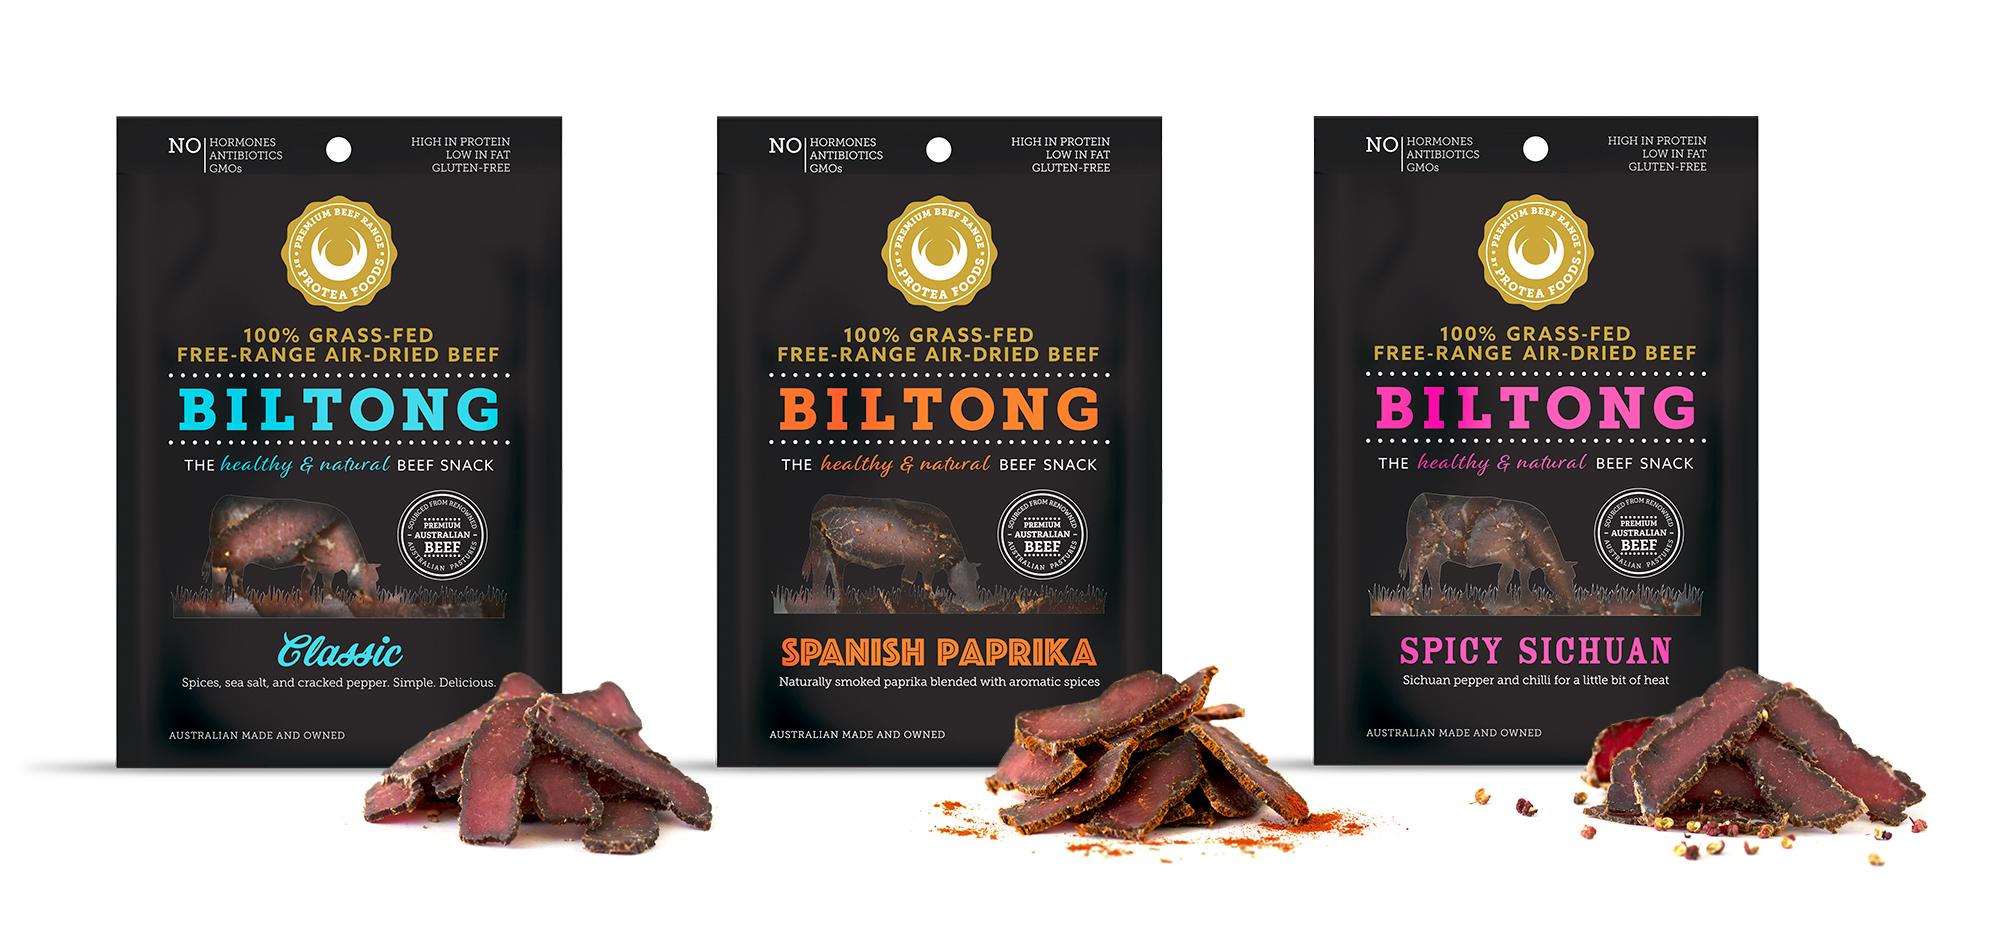 Protea Foods - Premium Beef Range Biltong - All - 1200x650.jpg